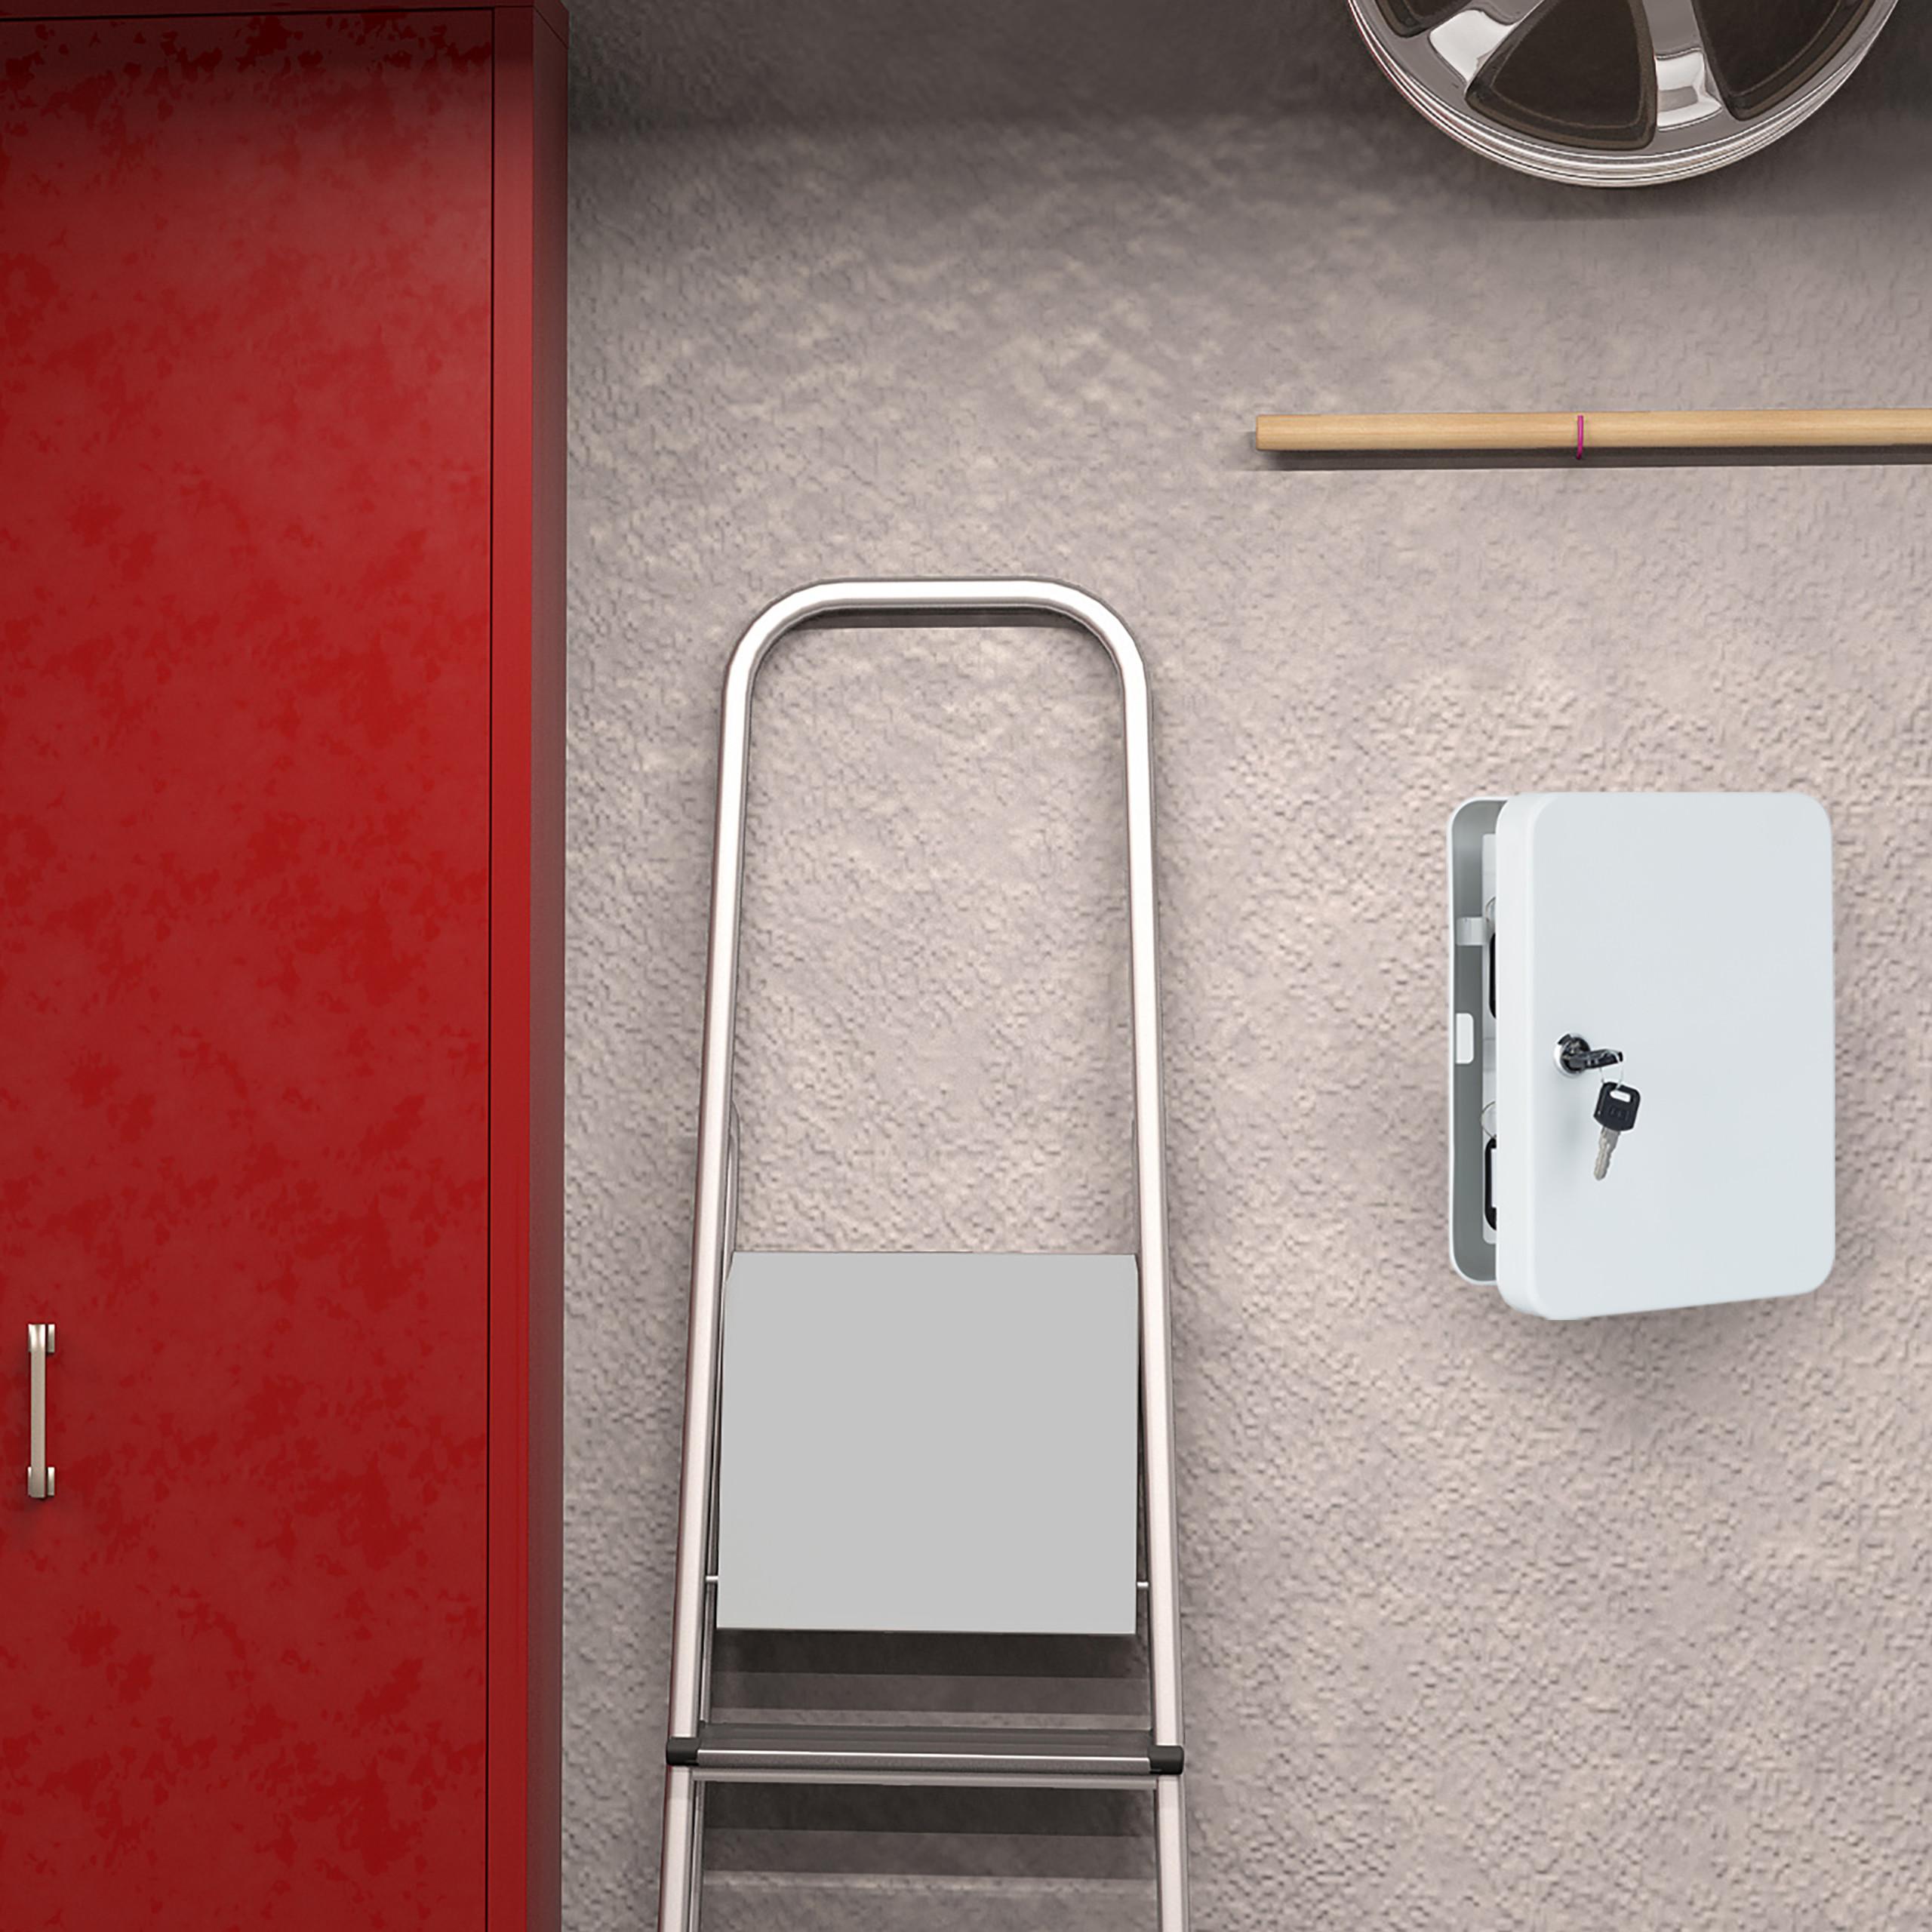 Boite-a-cles-armoire-a-clef-murale-rangement-48-crochets-fermant-a-cle-garage miniature 13